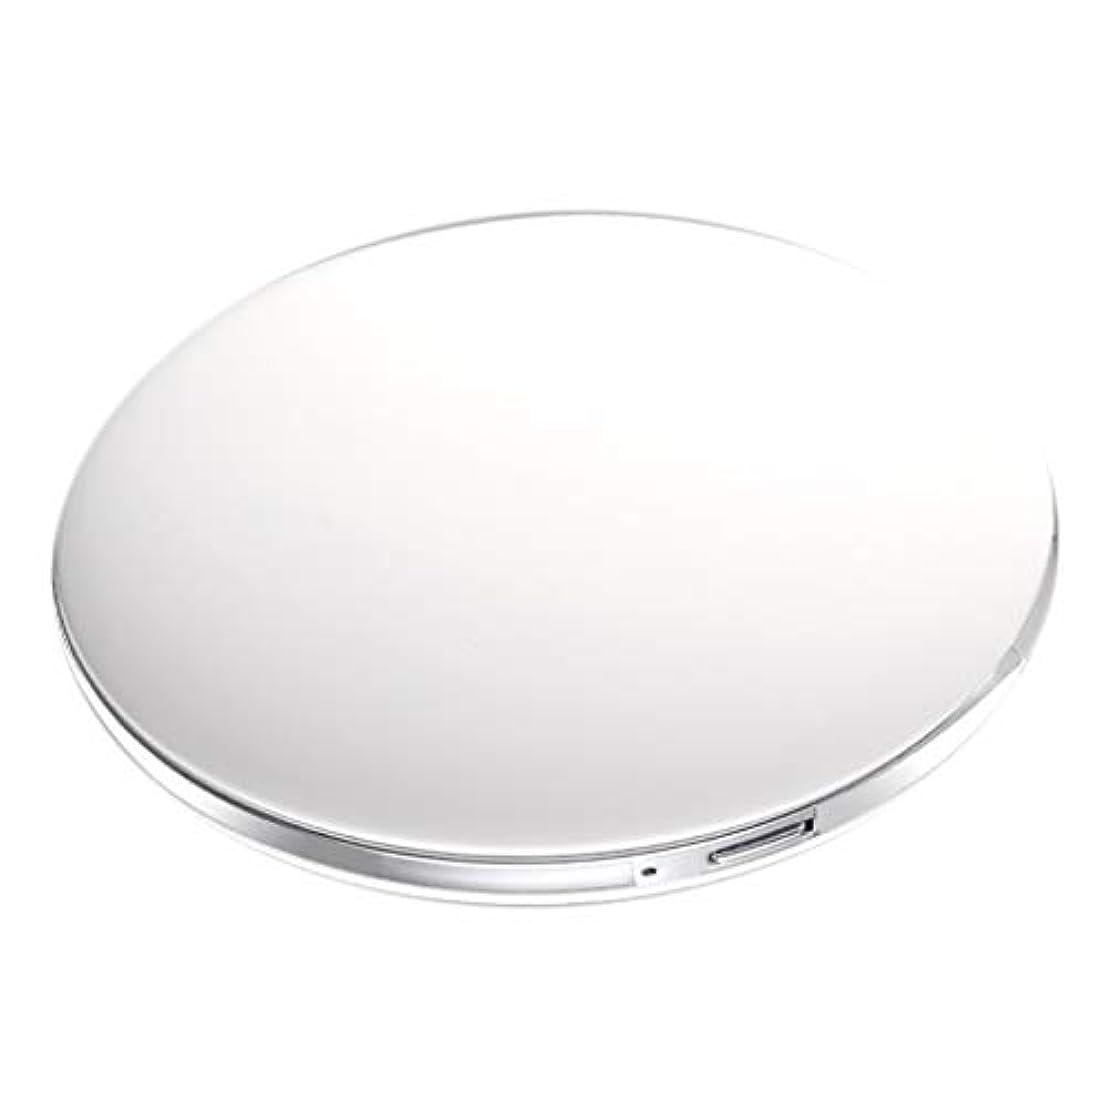 原稿一致する機関車両面コンパクトミラー 拡大鏡付き手鏡 LEDミラー 女優ミラー 3倍拡大 折りたたみ式 充電 全5色 - 白